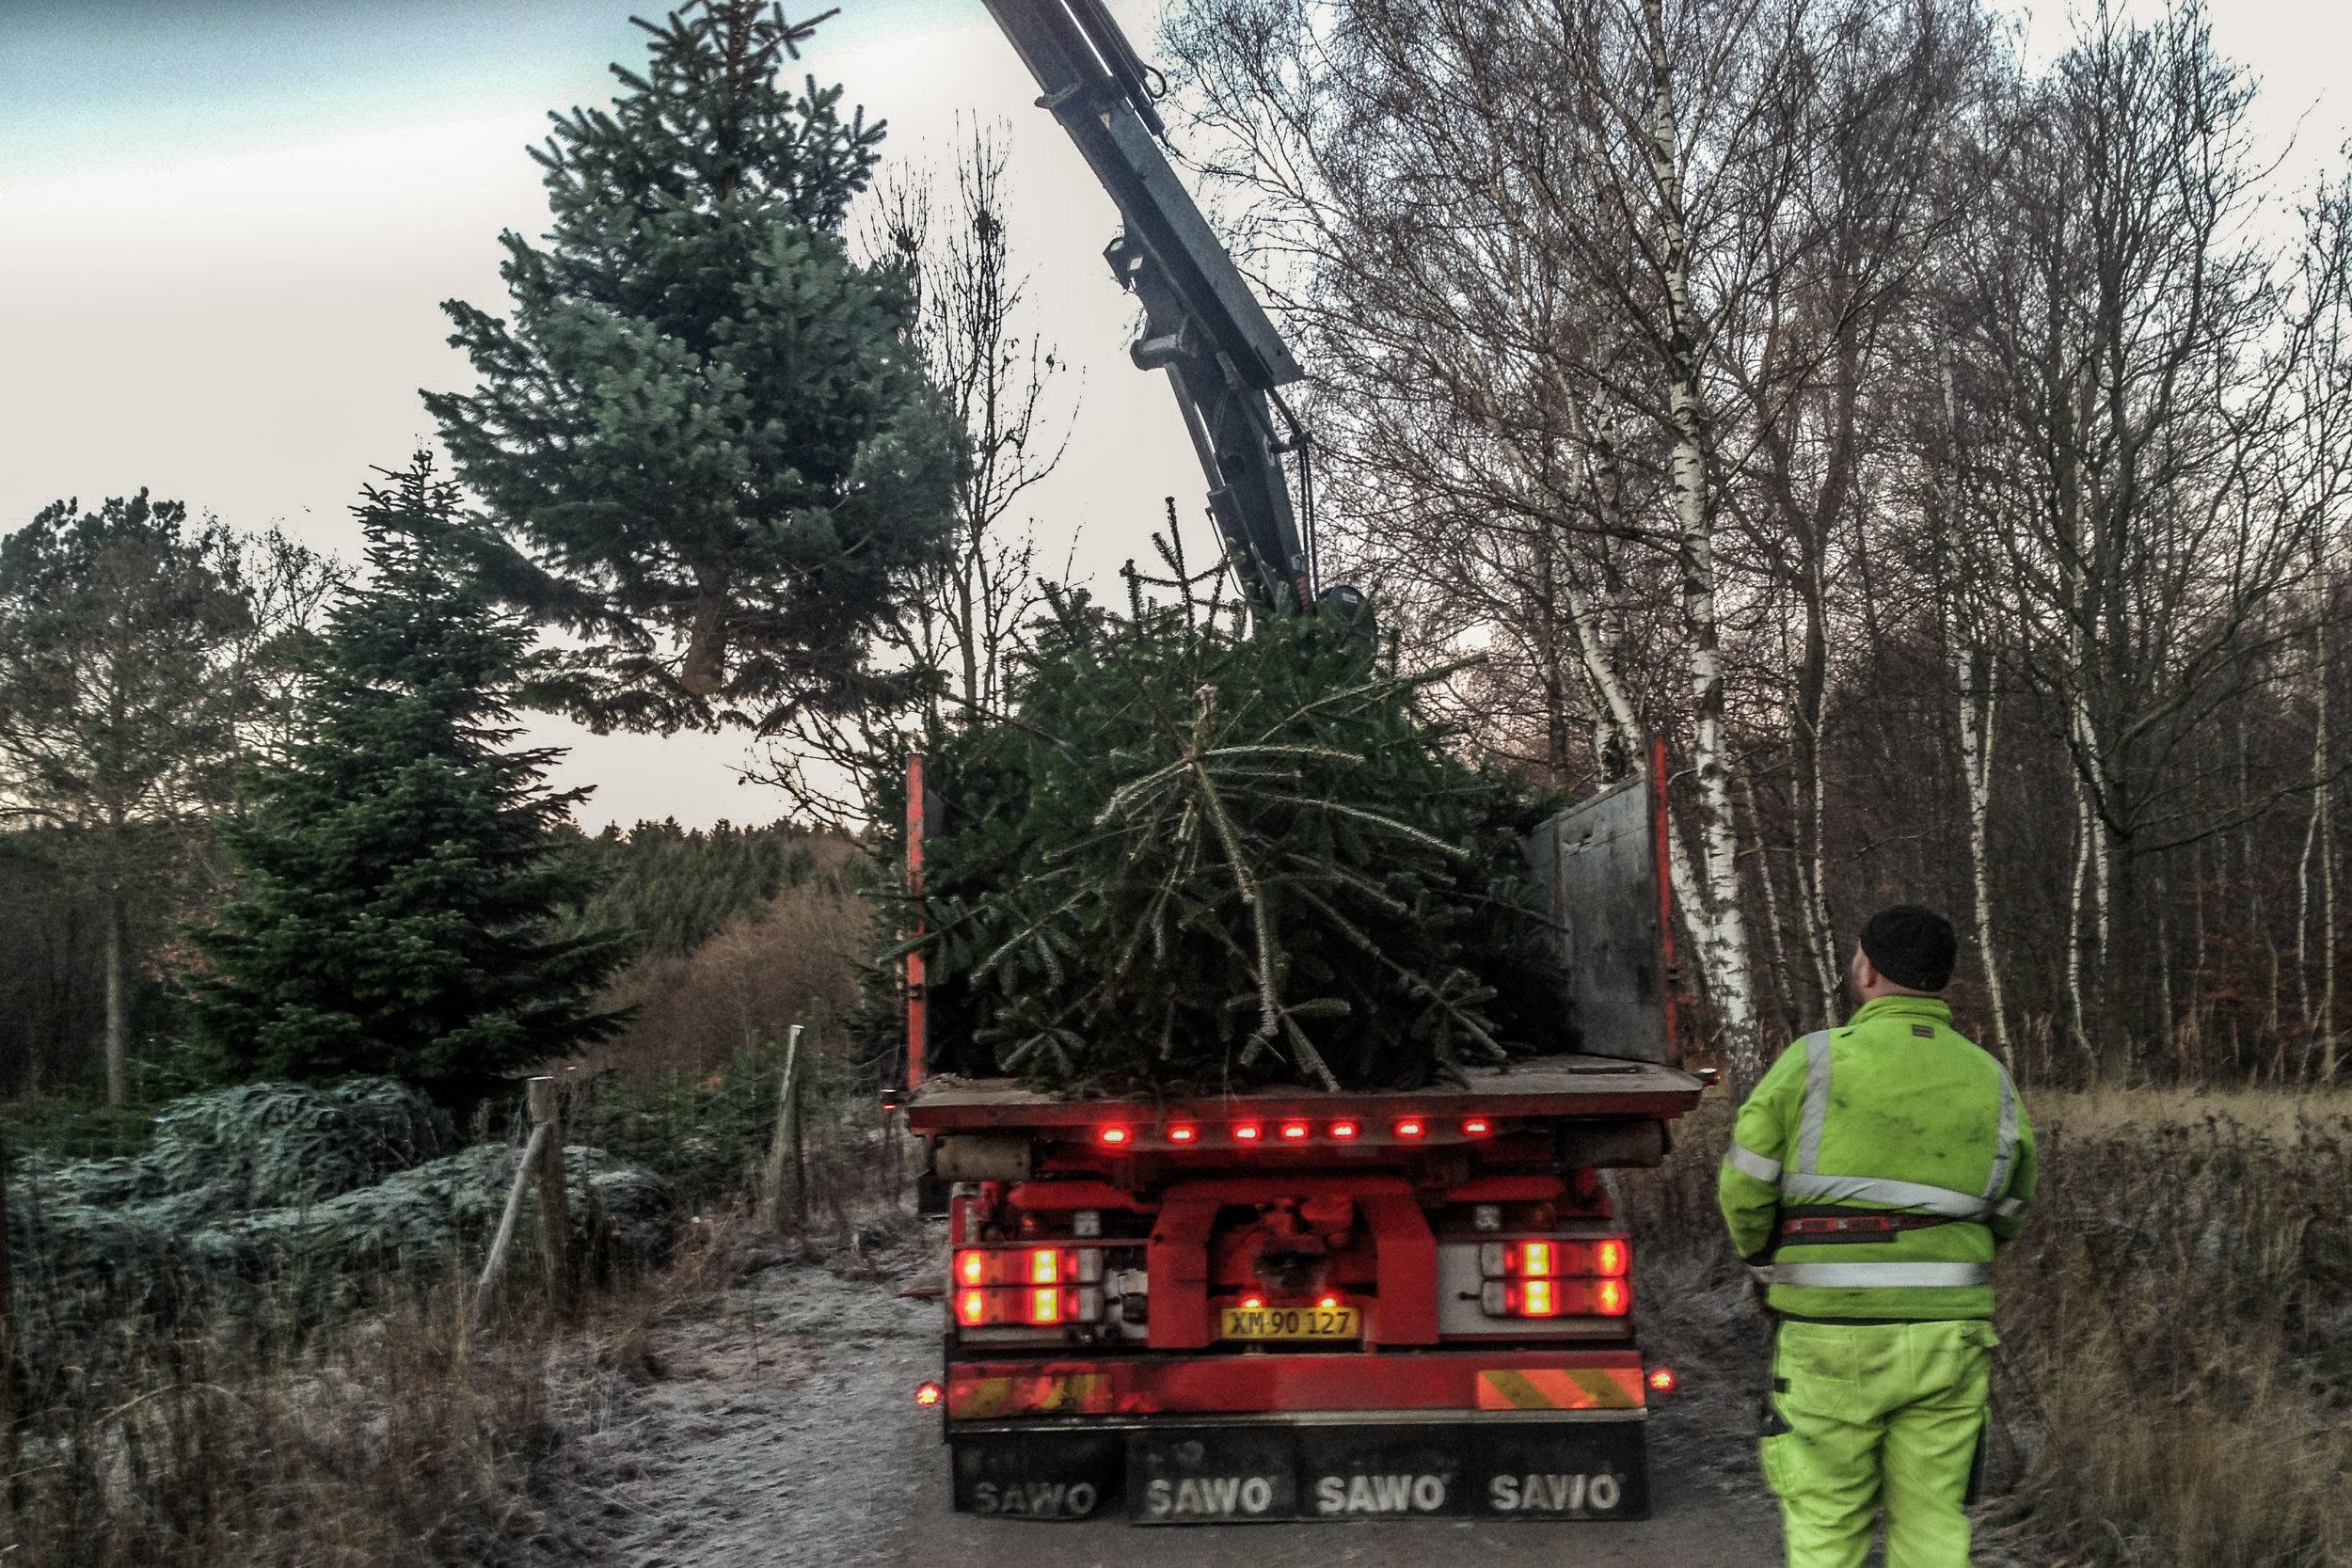 Transport - Professionel håndtering af store træerLevering med Frederiksdals VognmandAfhentning med egen VognmandPriserGode råd